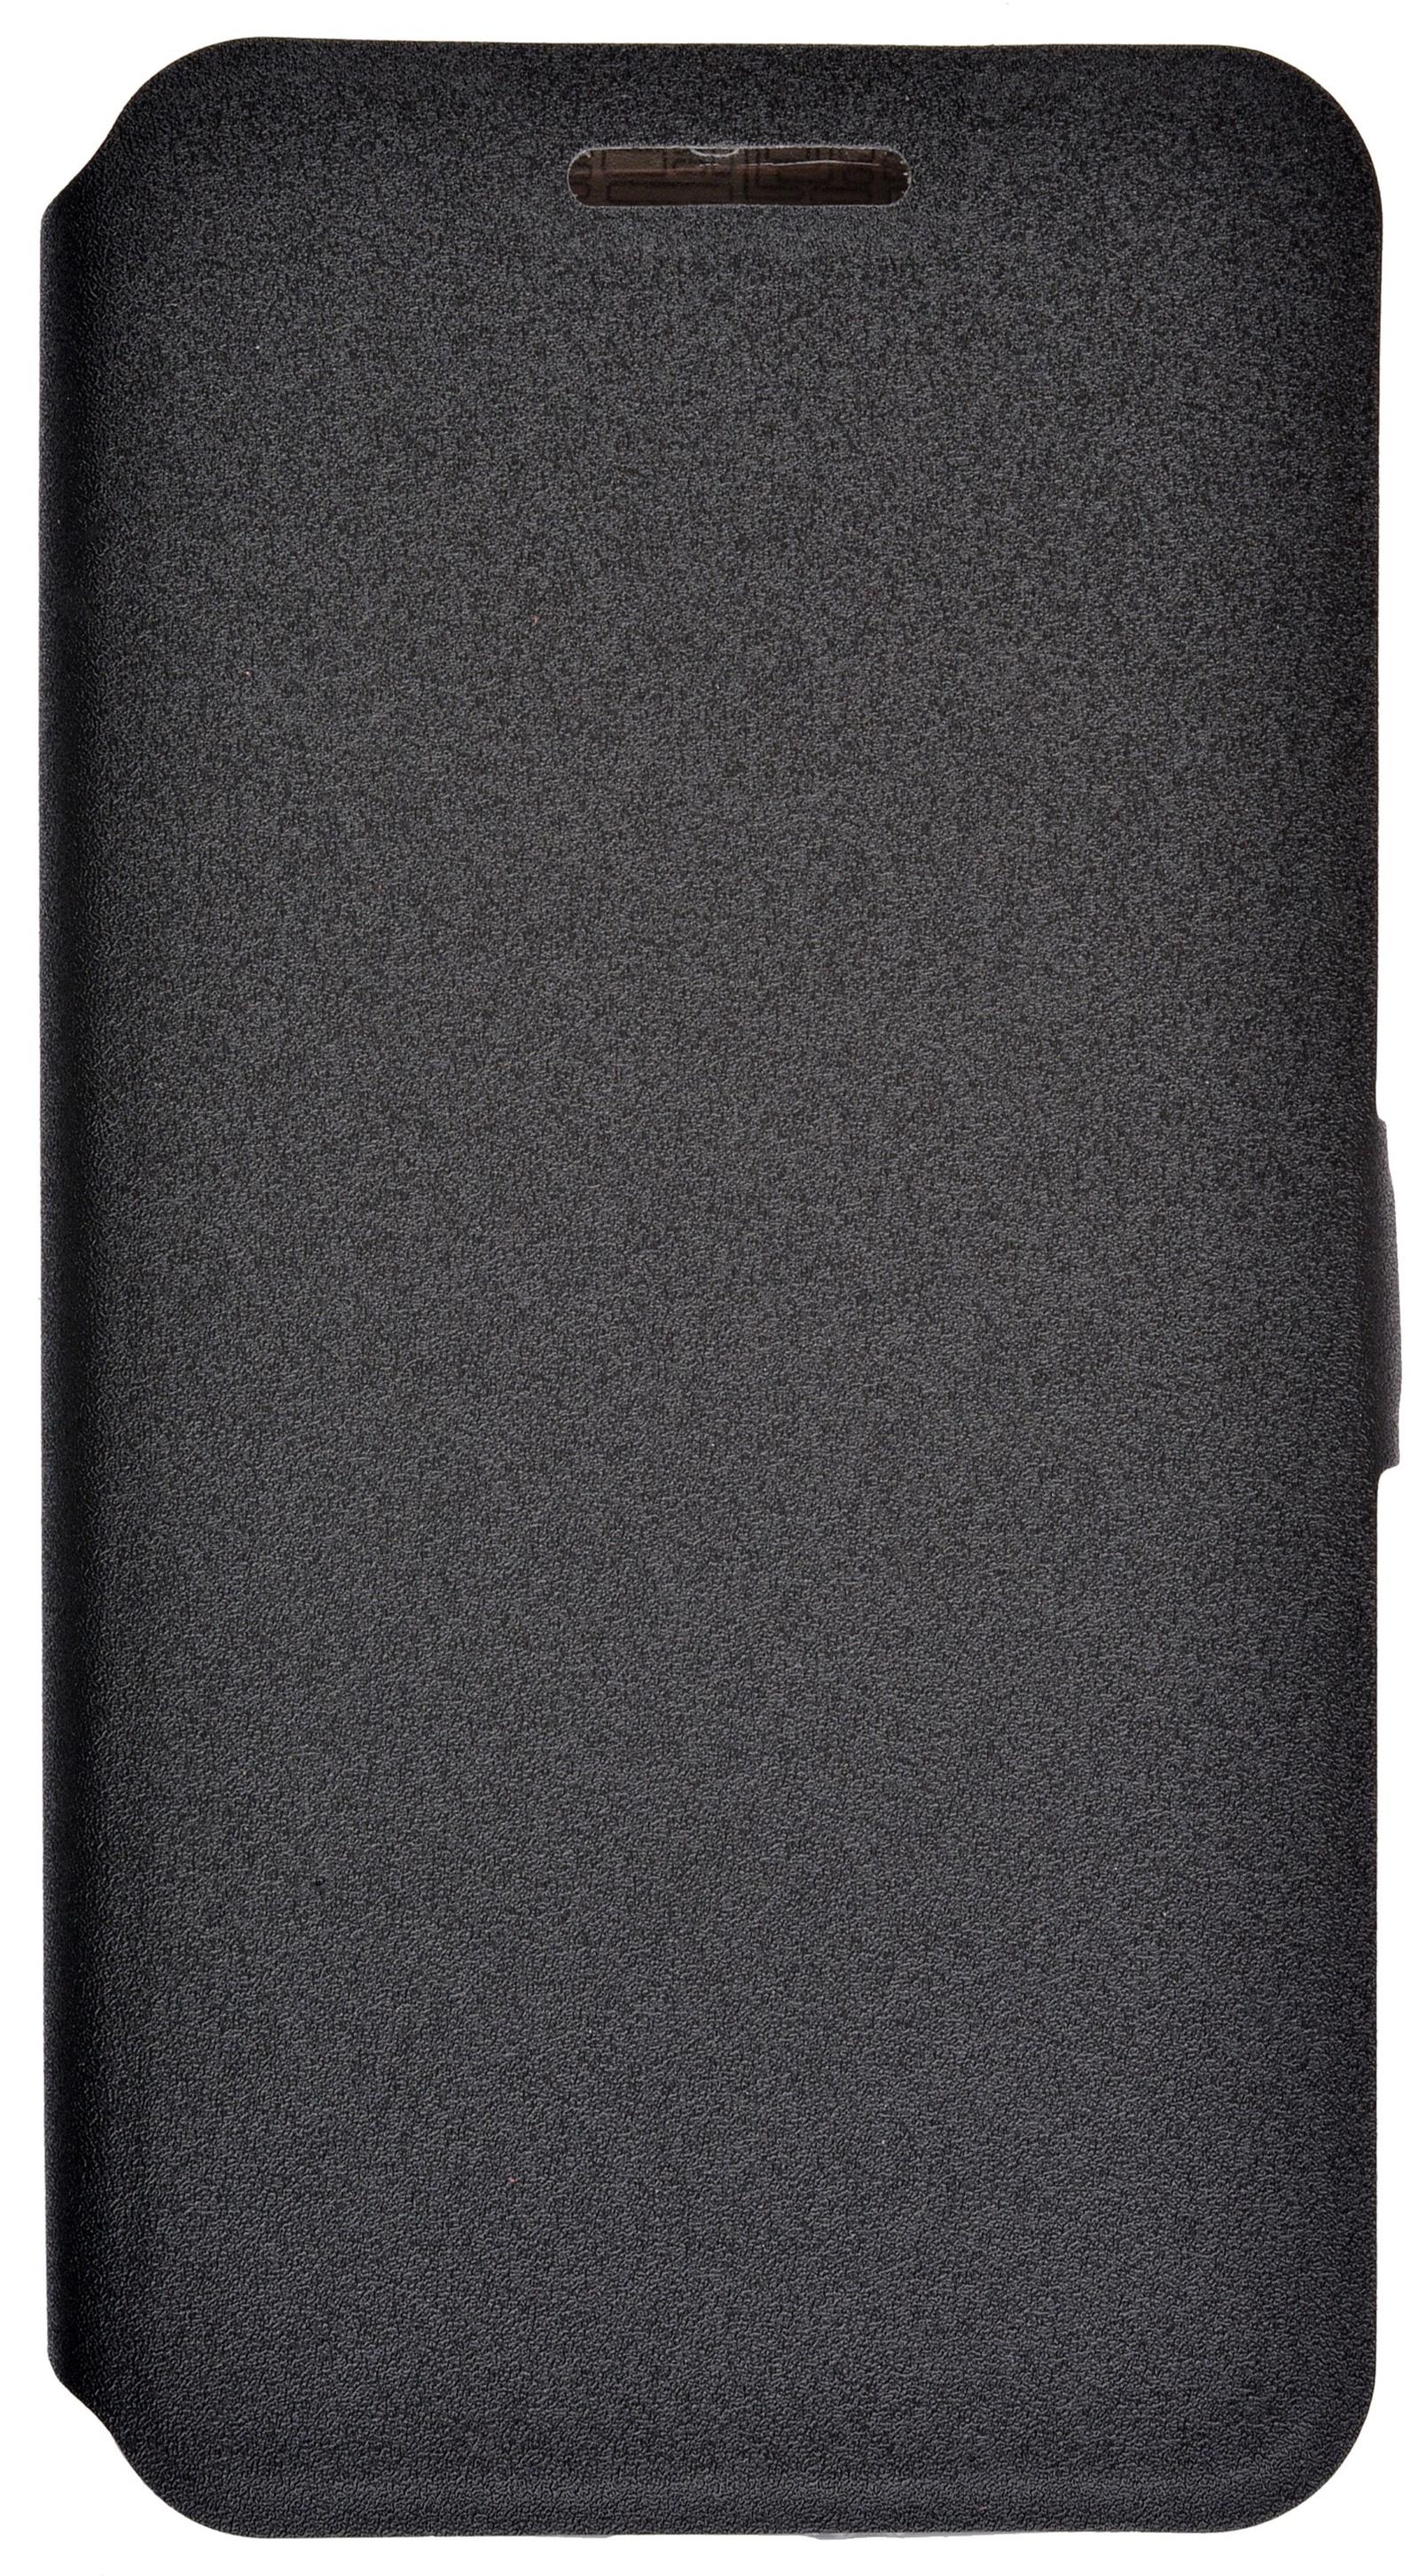 Чехол для сотового телефона PRIME Book, 4630042528758, черный prime book чехол книжка для meizu m5c red